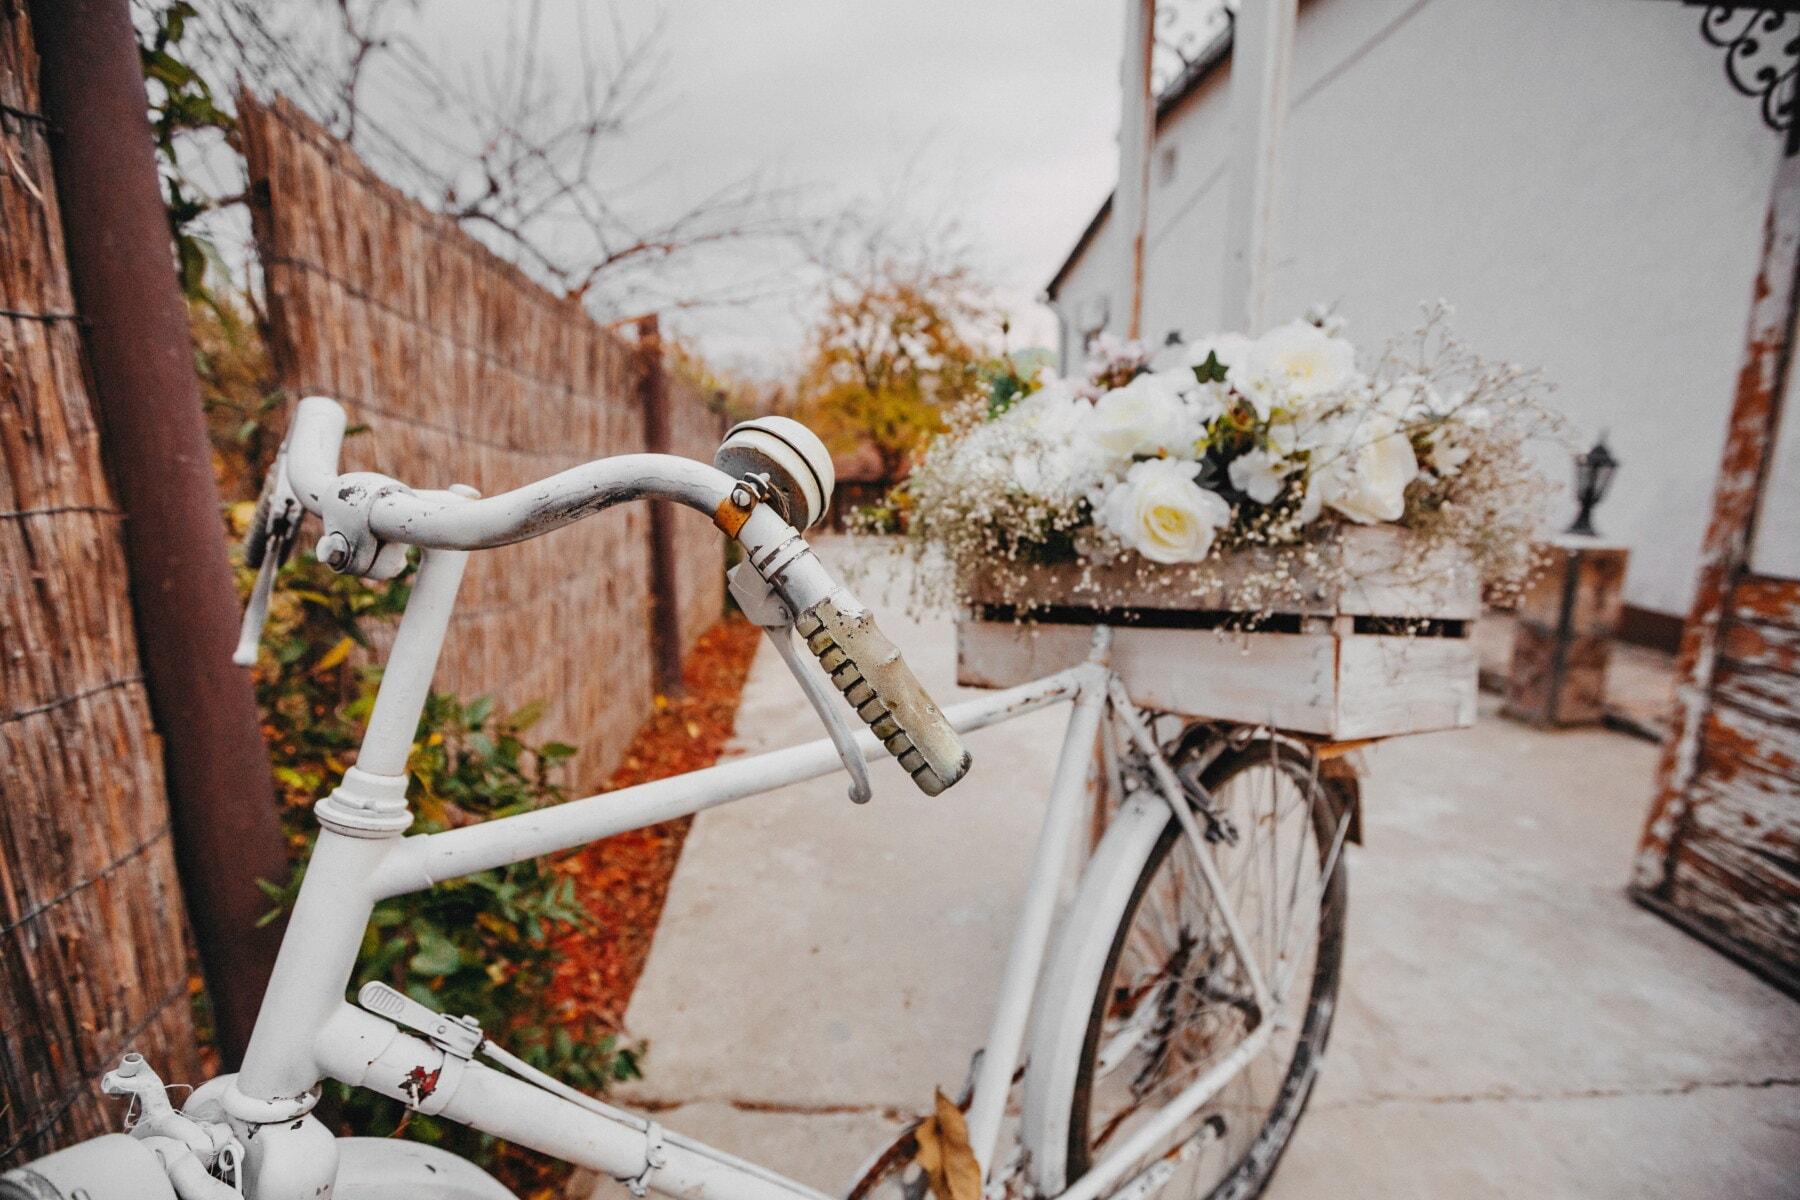 Lenkrad, weiß, Fahrrad, Hochzeitsort, Dekoration, Blumen, im Feld, Blumenstrauß, Rad, Fahrzeug